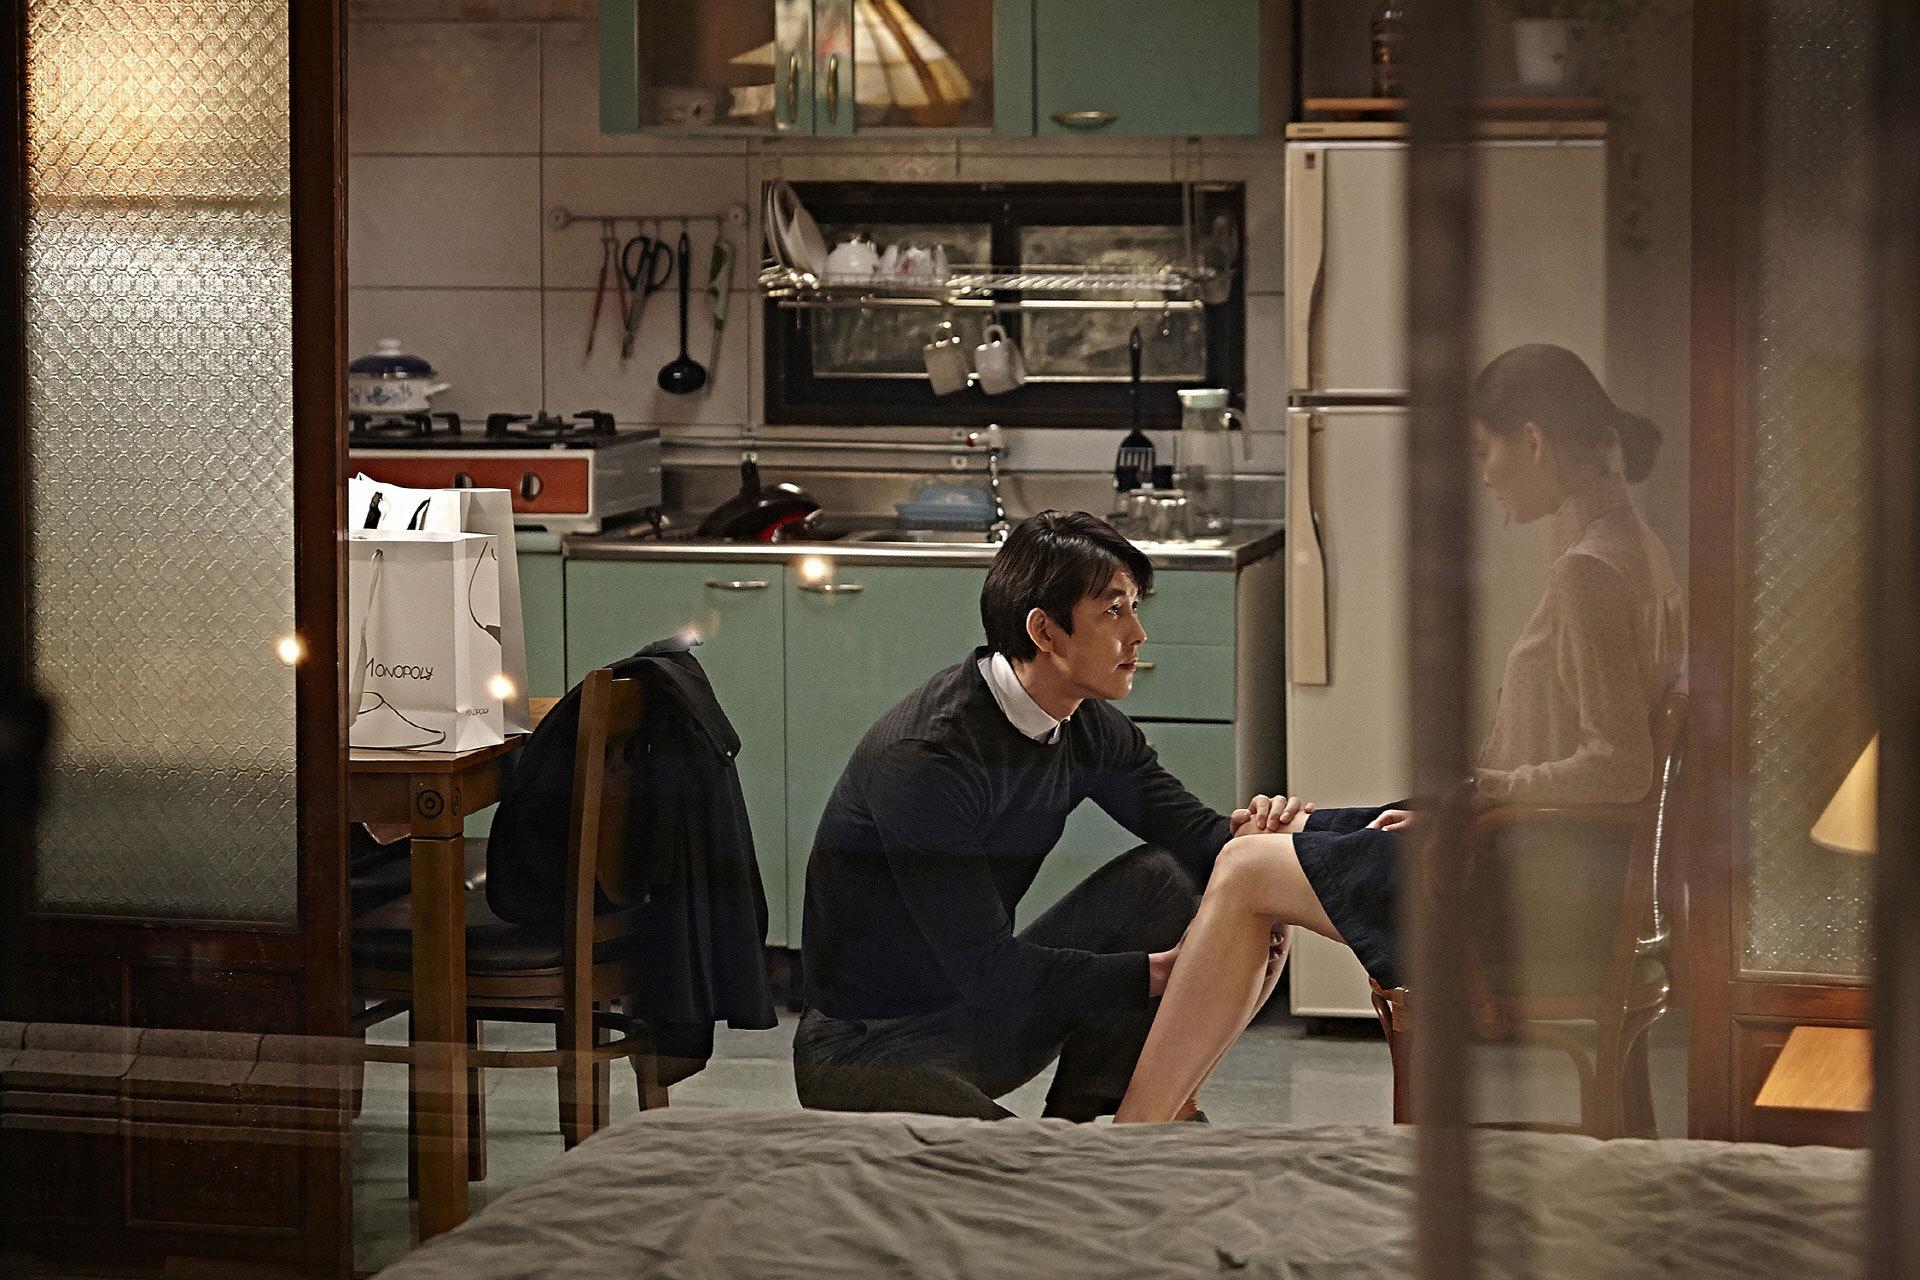 Từ rớt nước mắt đến... bật cười vì phản ứng của bố mẹ sao Hàn trước cảnh nóng của con - Ảnh 6.